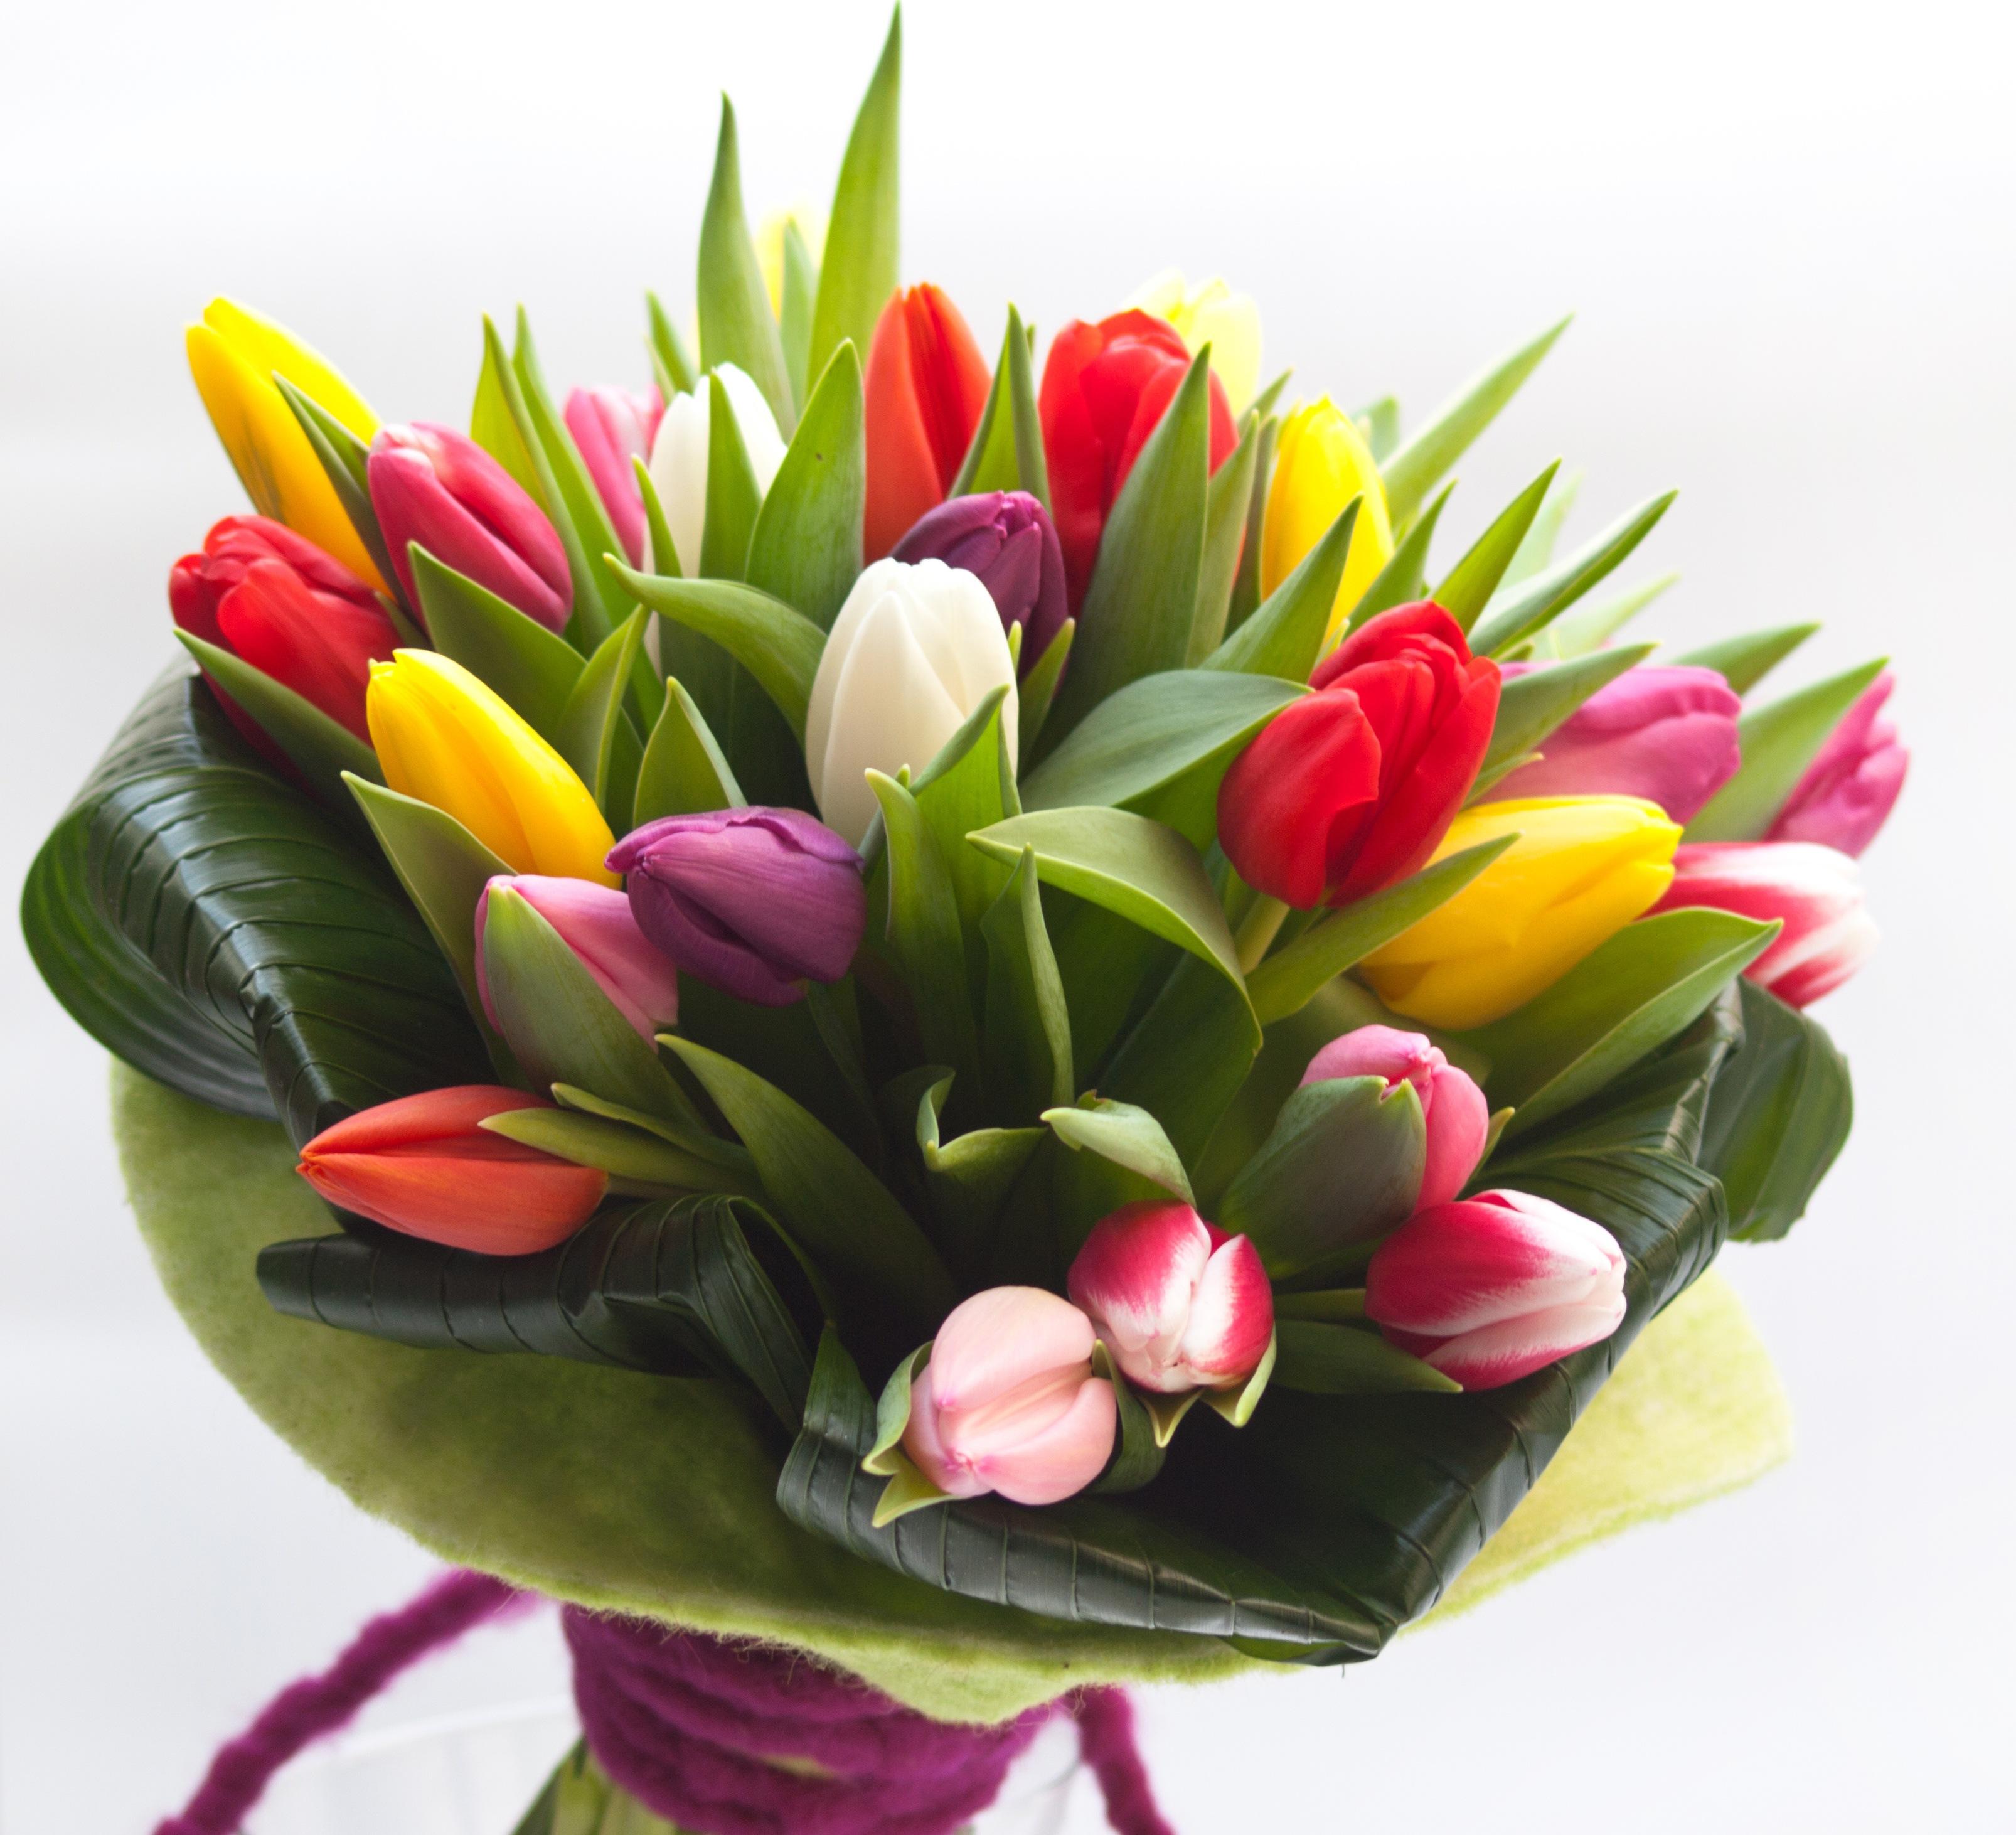 Piantare I Bulbi Di Tulipani come piantare bulbi di tulipano in casa | donne magazine